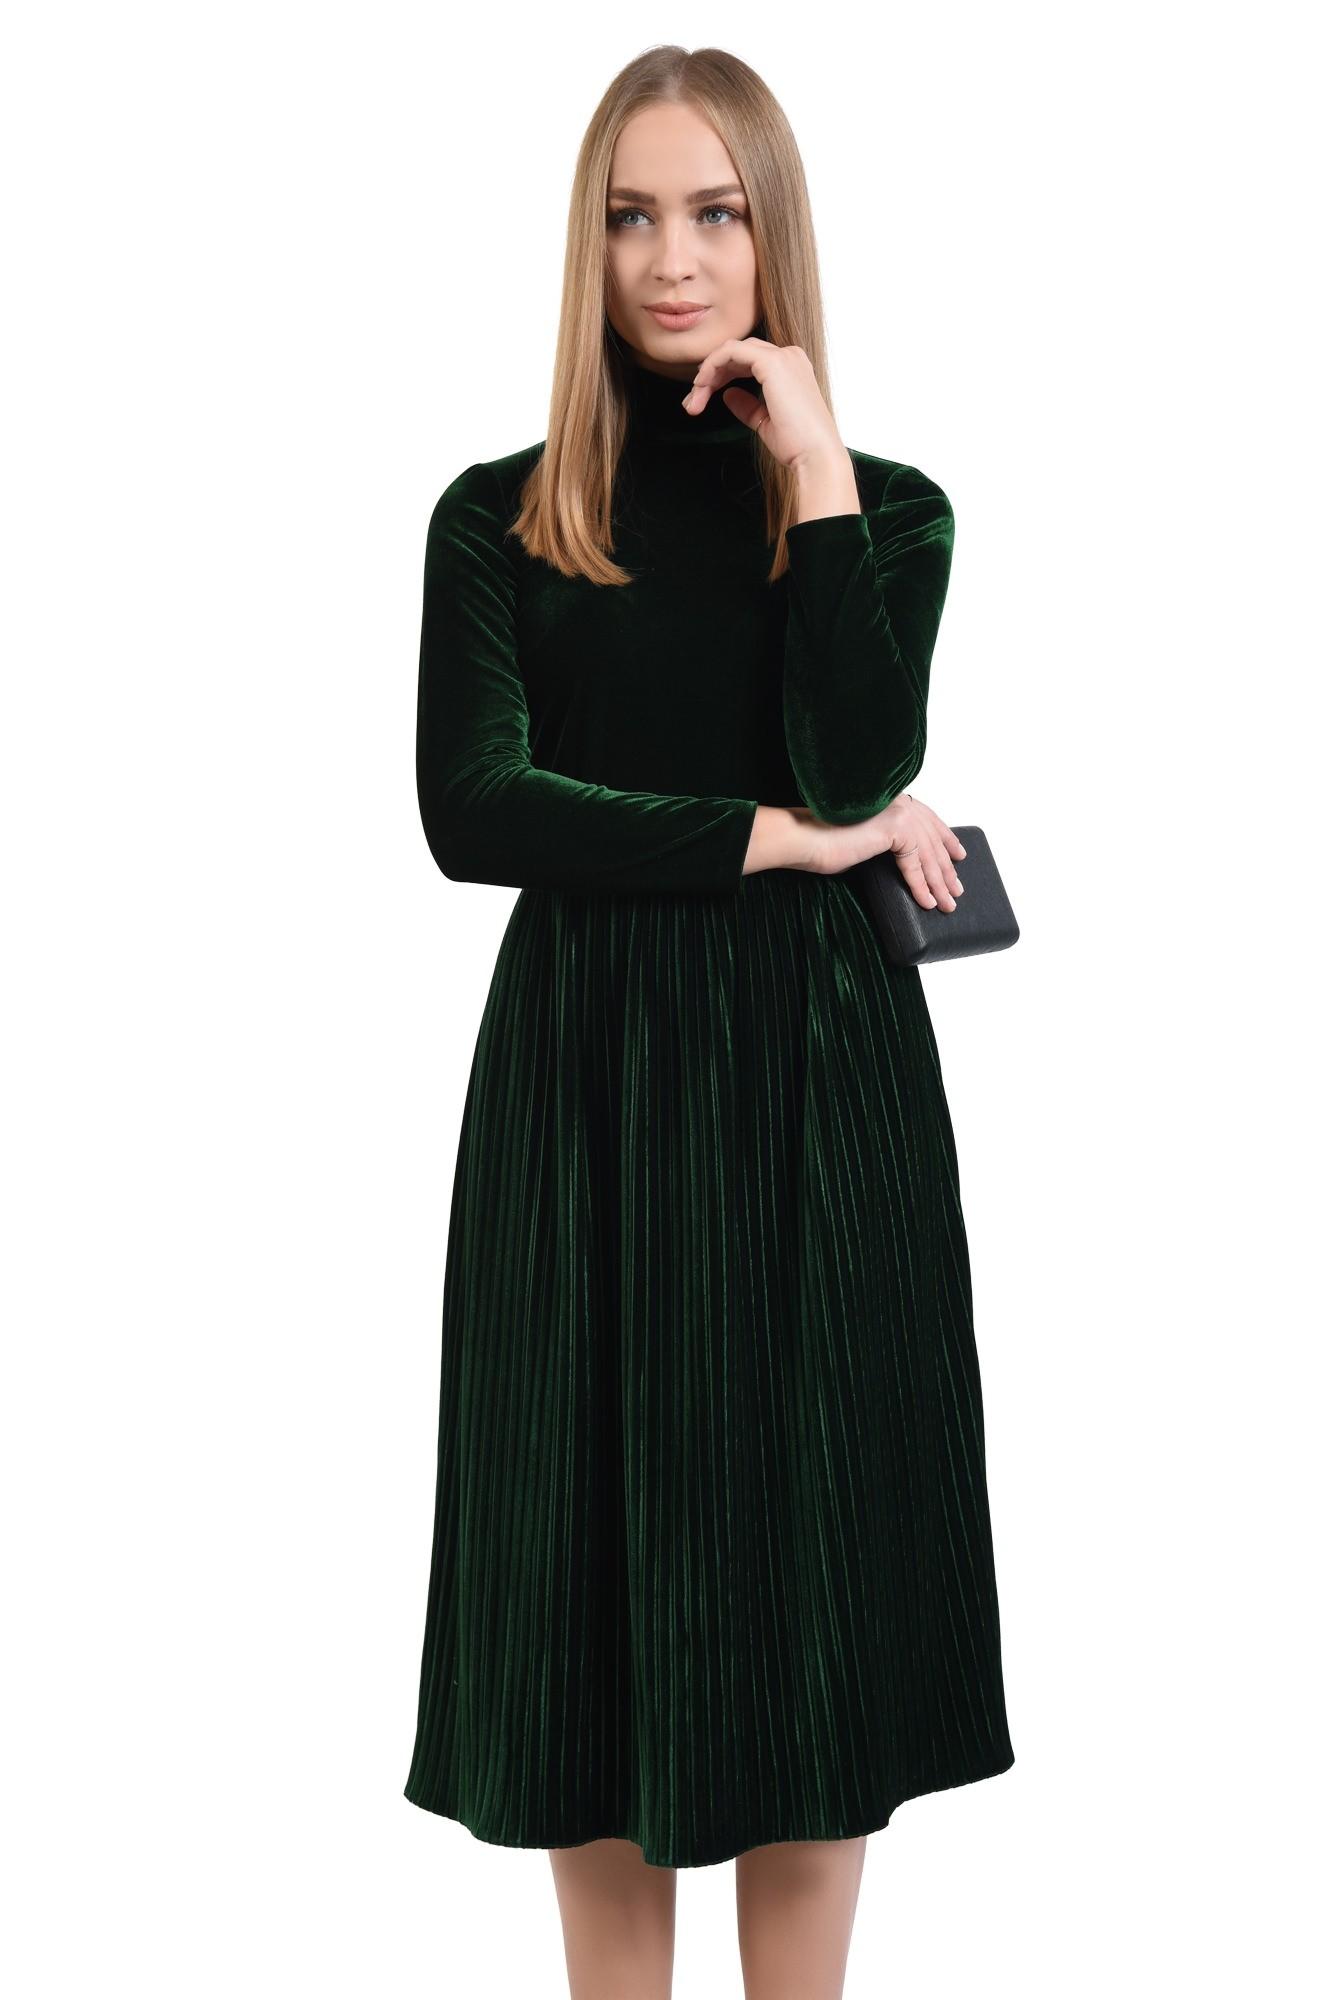 0 - rochie de ocazie, din catifea, cu pliseuri, fermoar la spate, cu guler